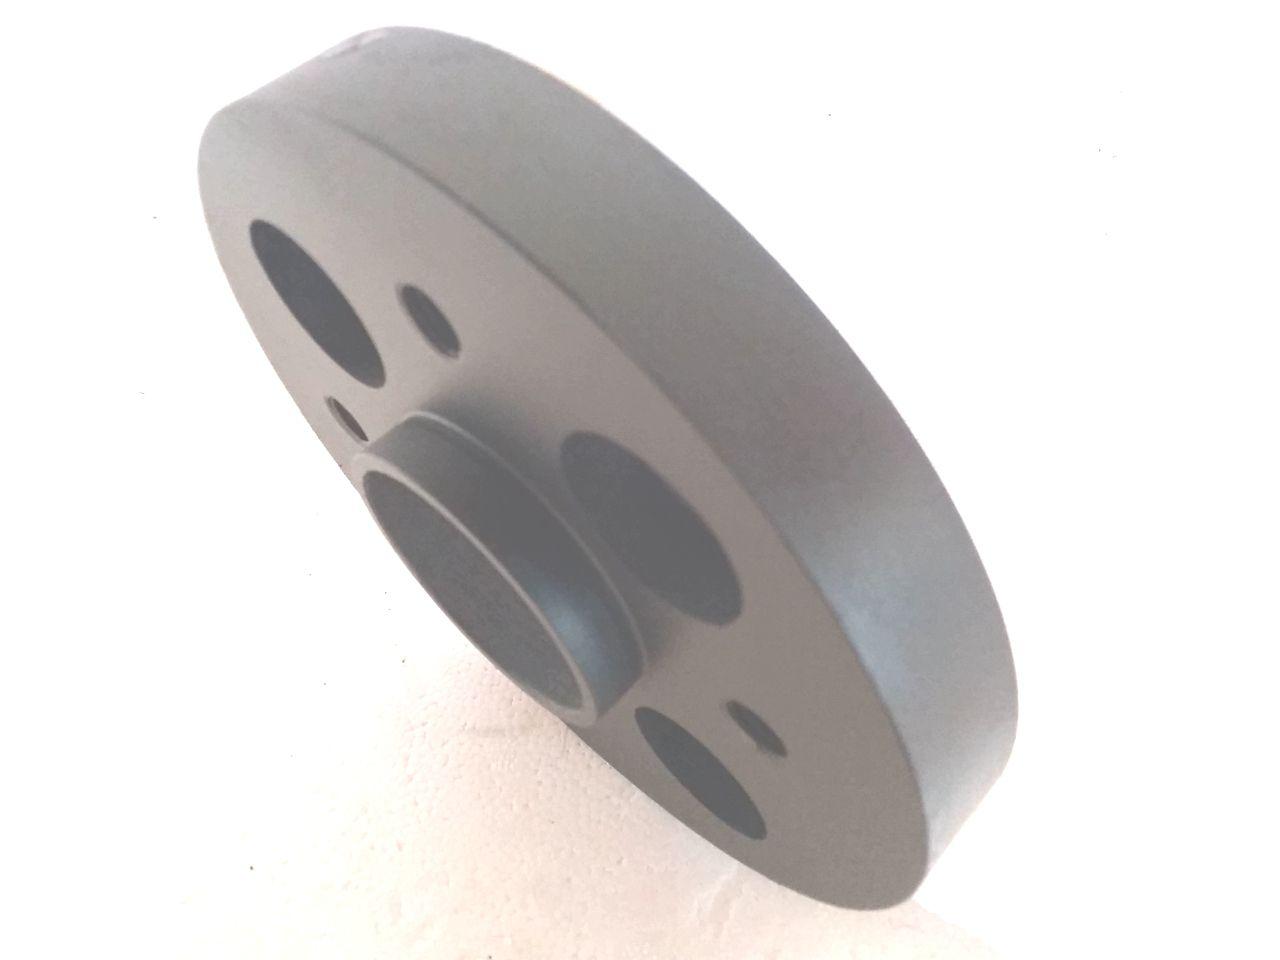 04 Pç Espaçador De Roda Gol 4x100mm P/ 4x100mm 25mm S/paraf